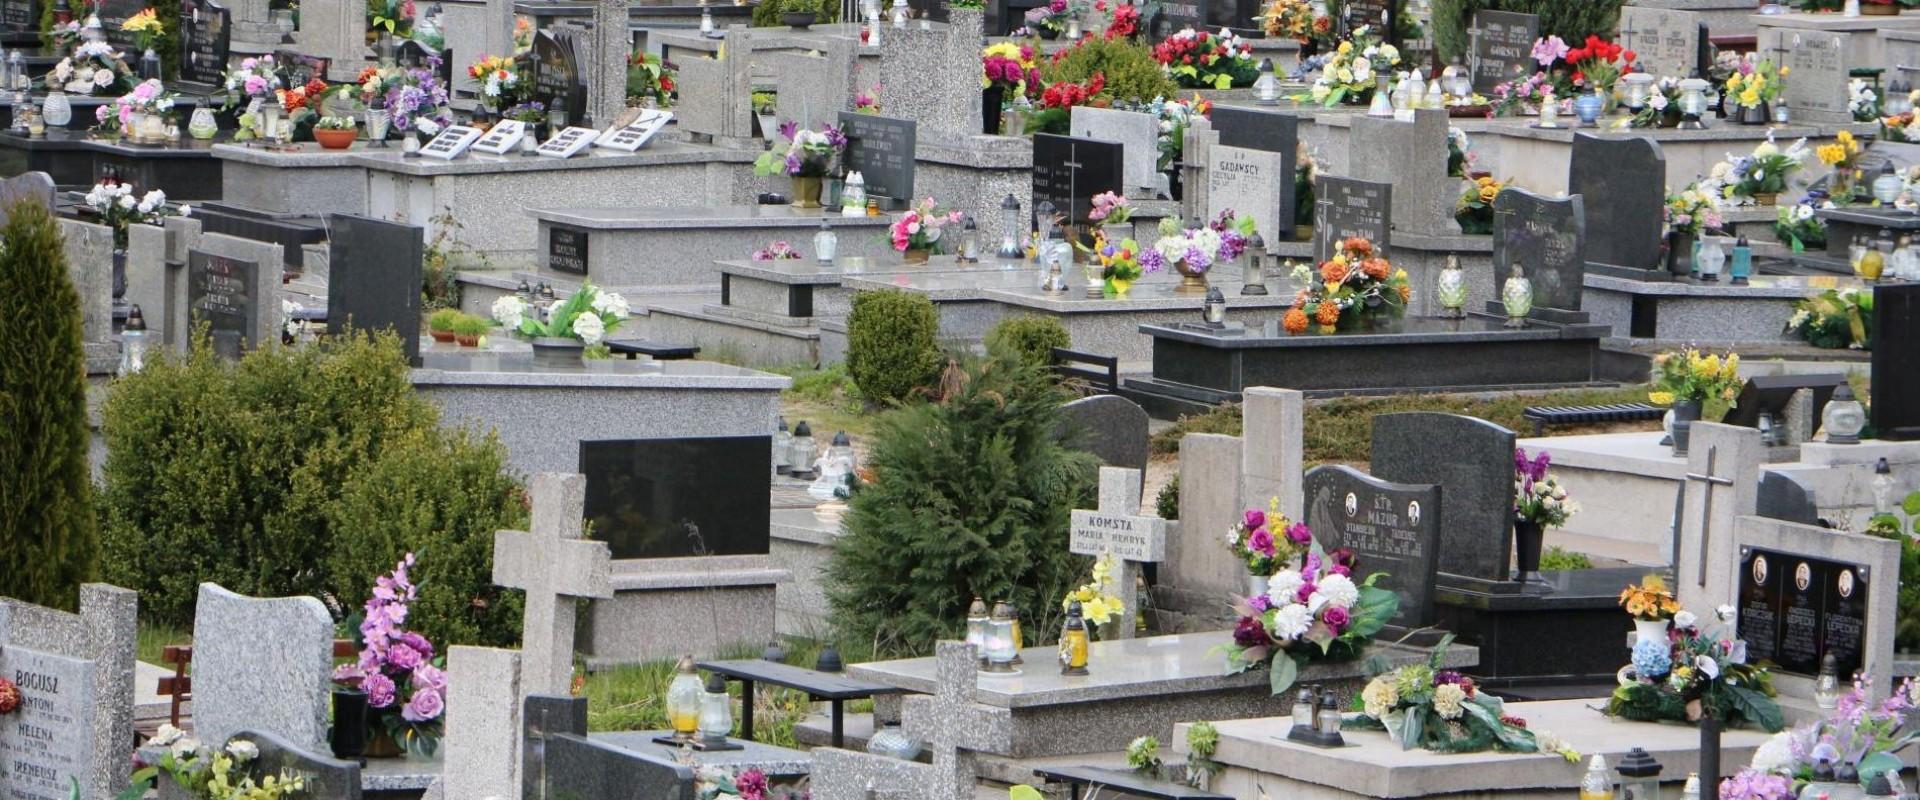 Jak dojechać na cmentarze?